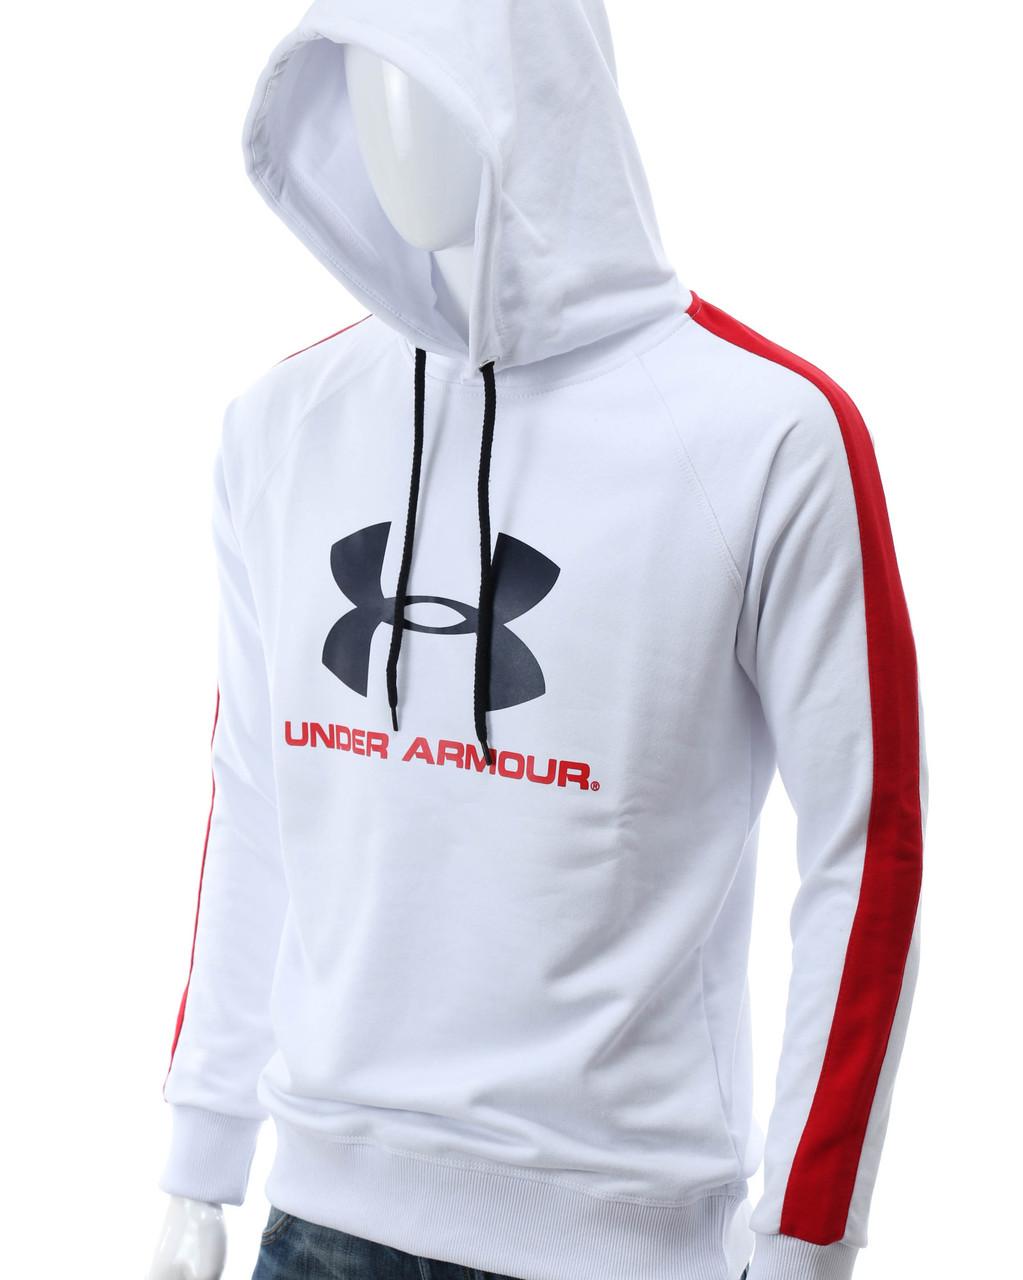 Худи белый/красный UNDER ARMOUR с лого Р-6 WHL/RED L(Р) 20-474-601